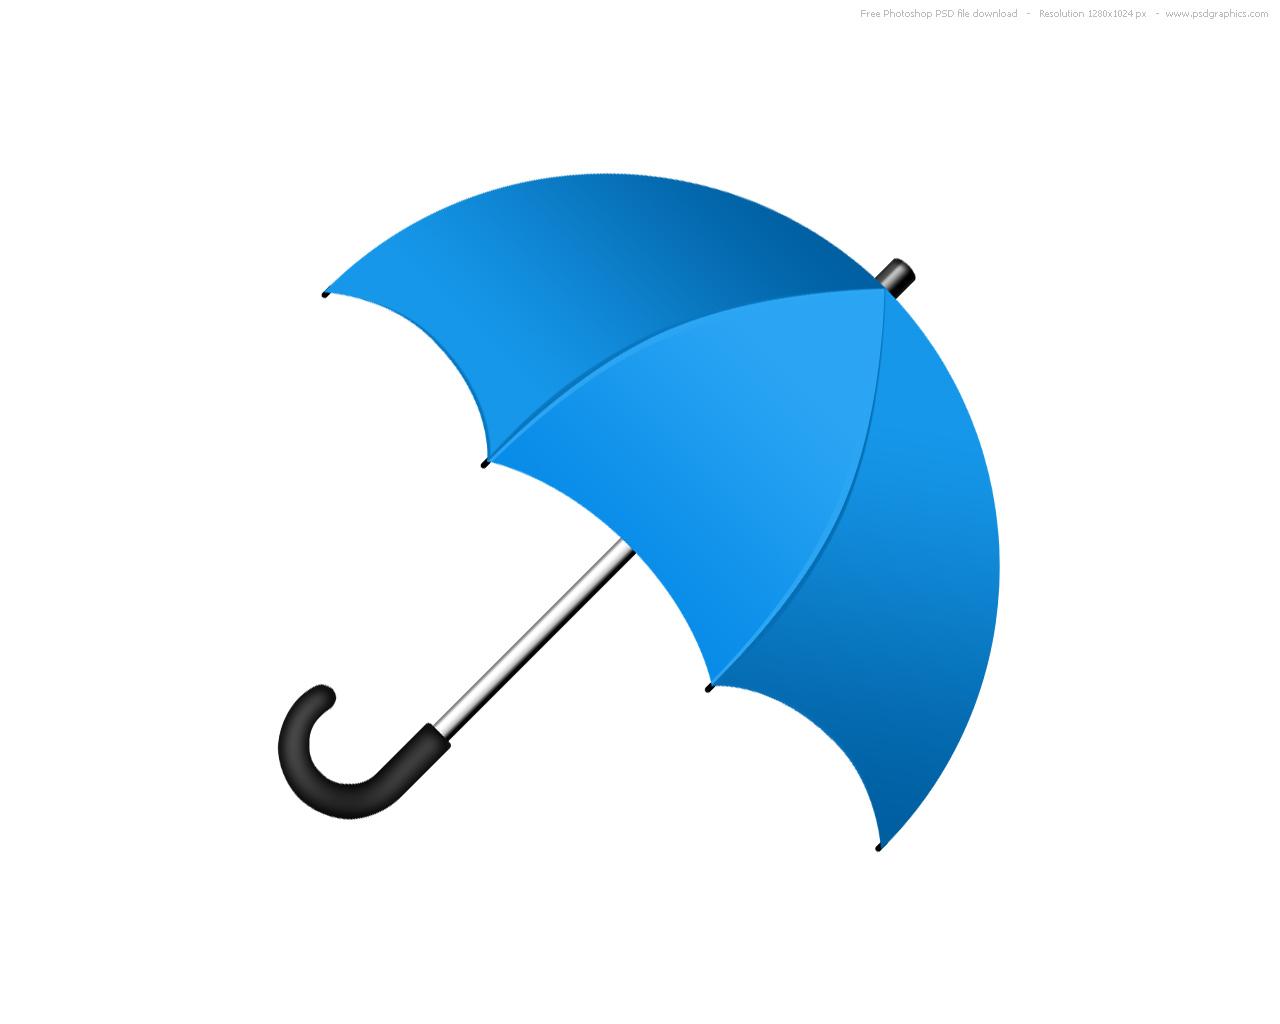 1280x1024 Umbrella Clip Art Free Download Clipart Images 5